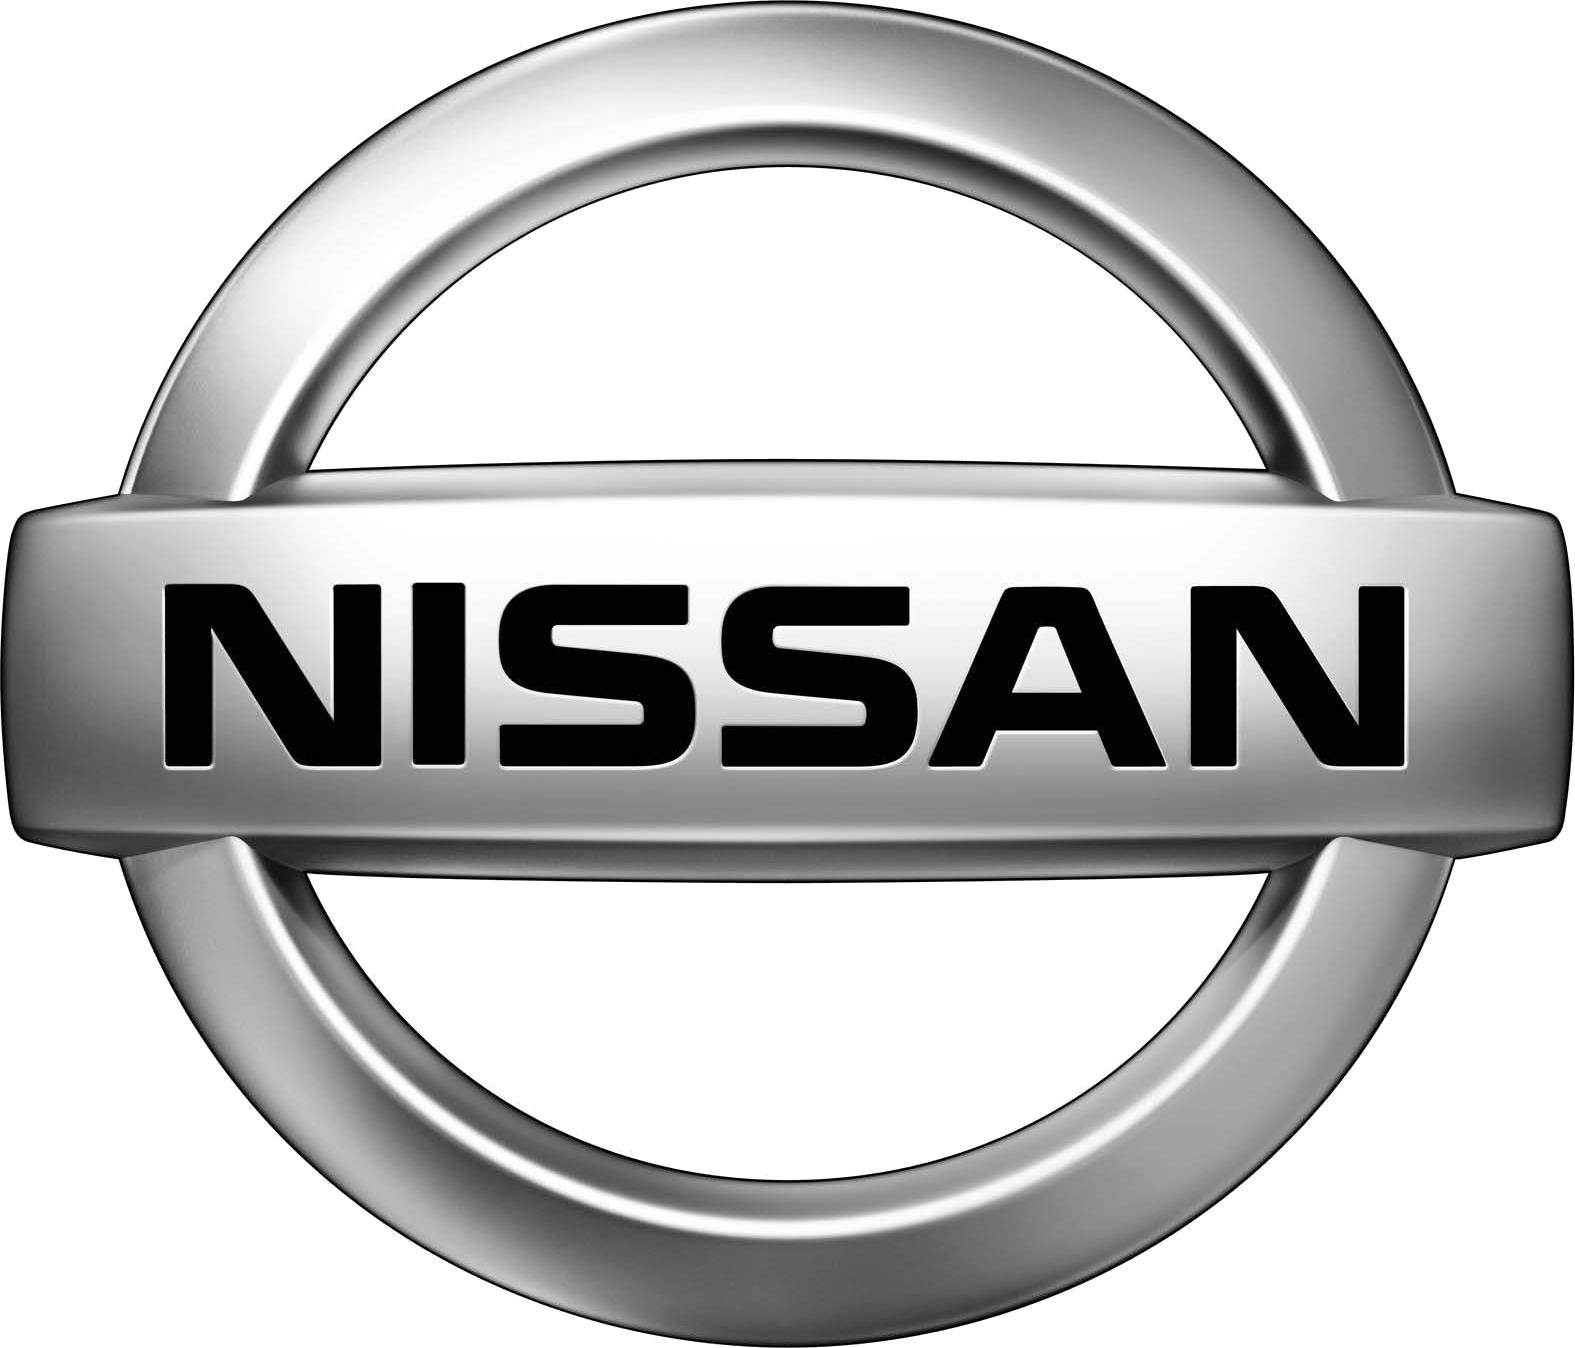 Нисан се отказва да произвежда модела си Екс-трейл във Великобритания заради Брекзита